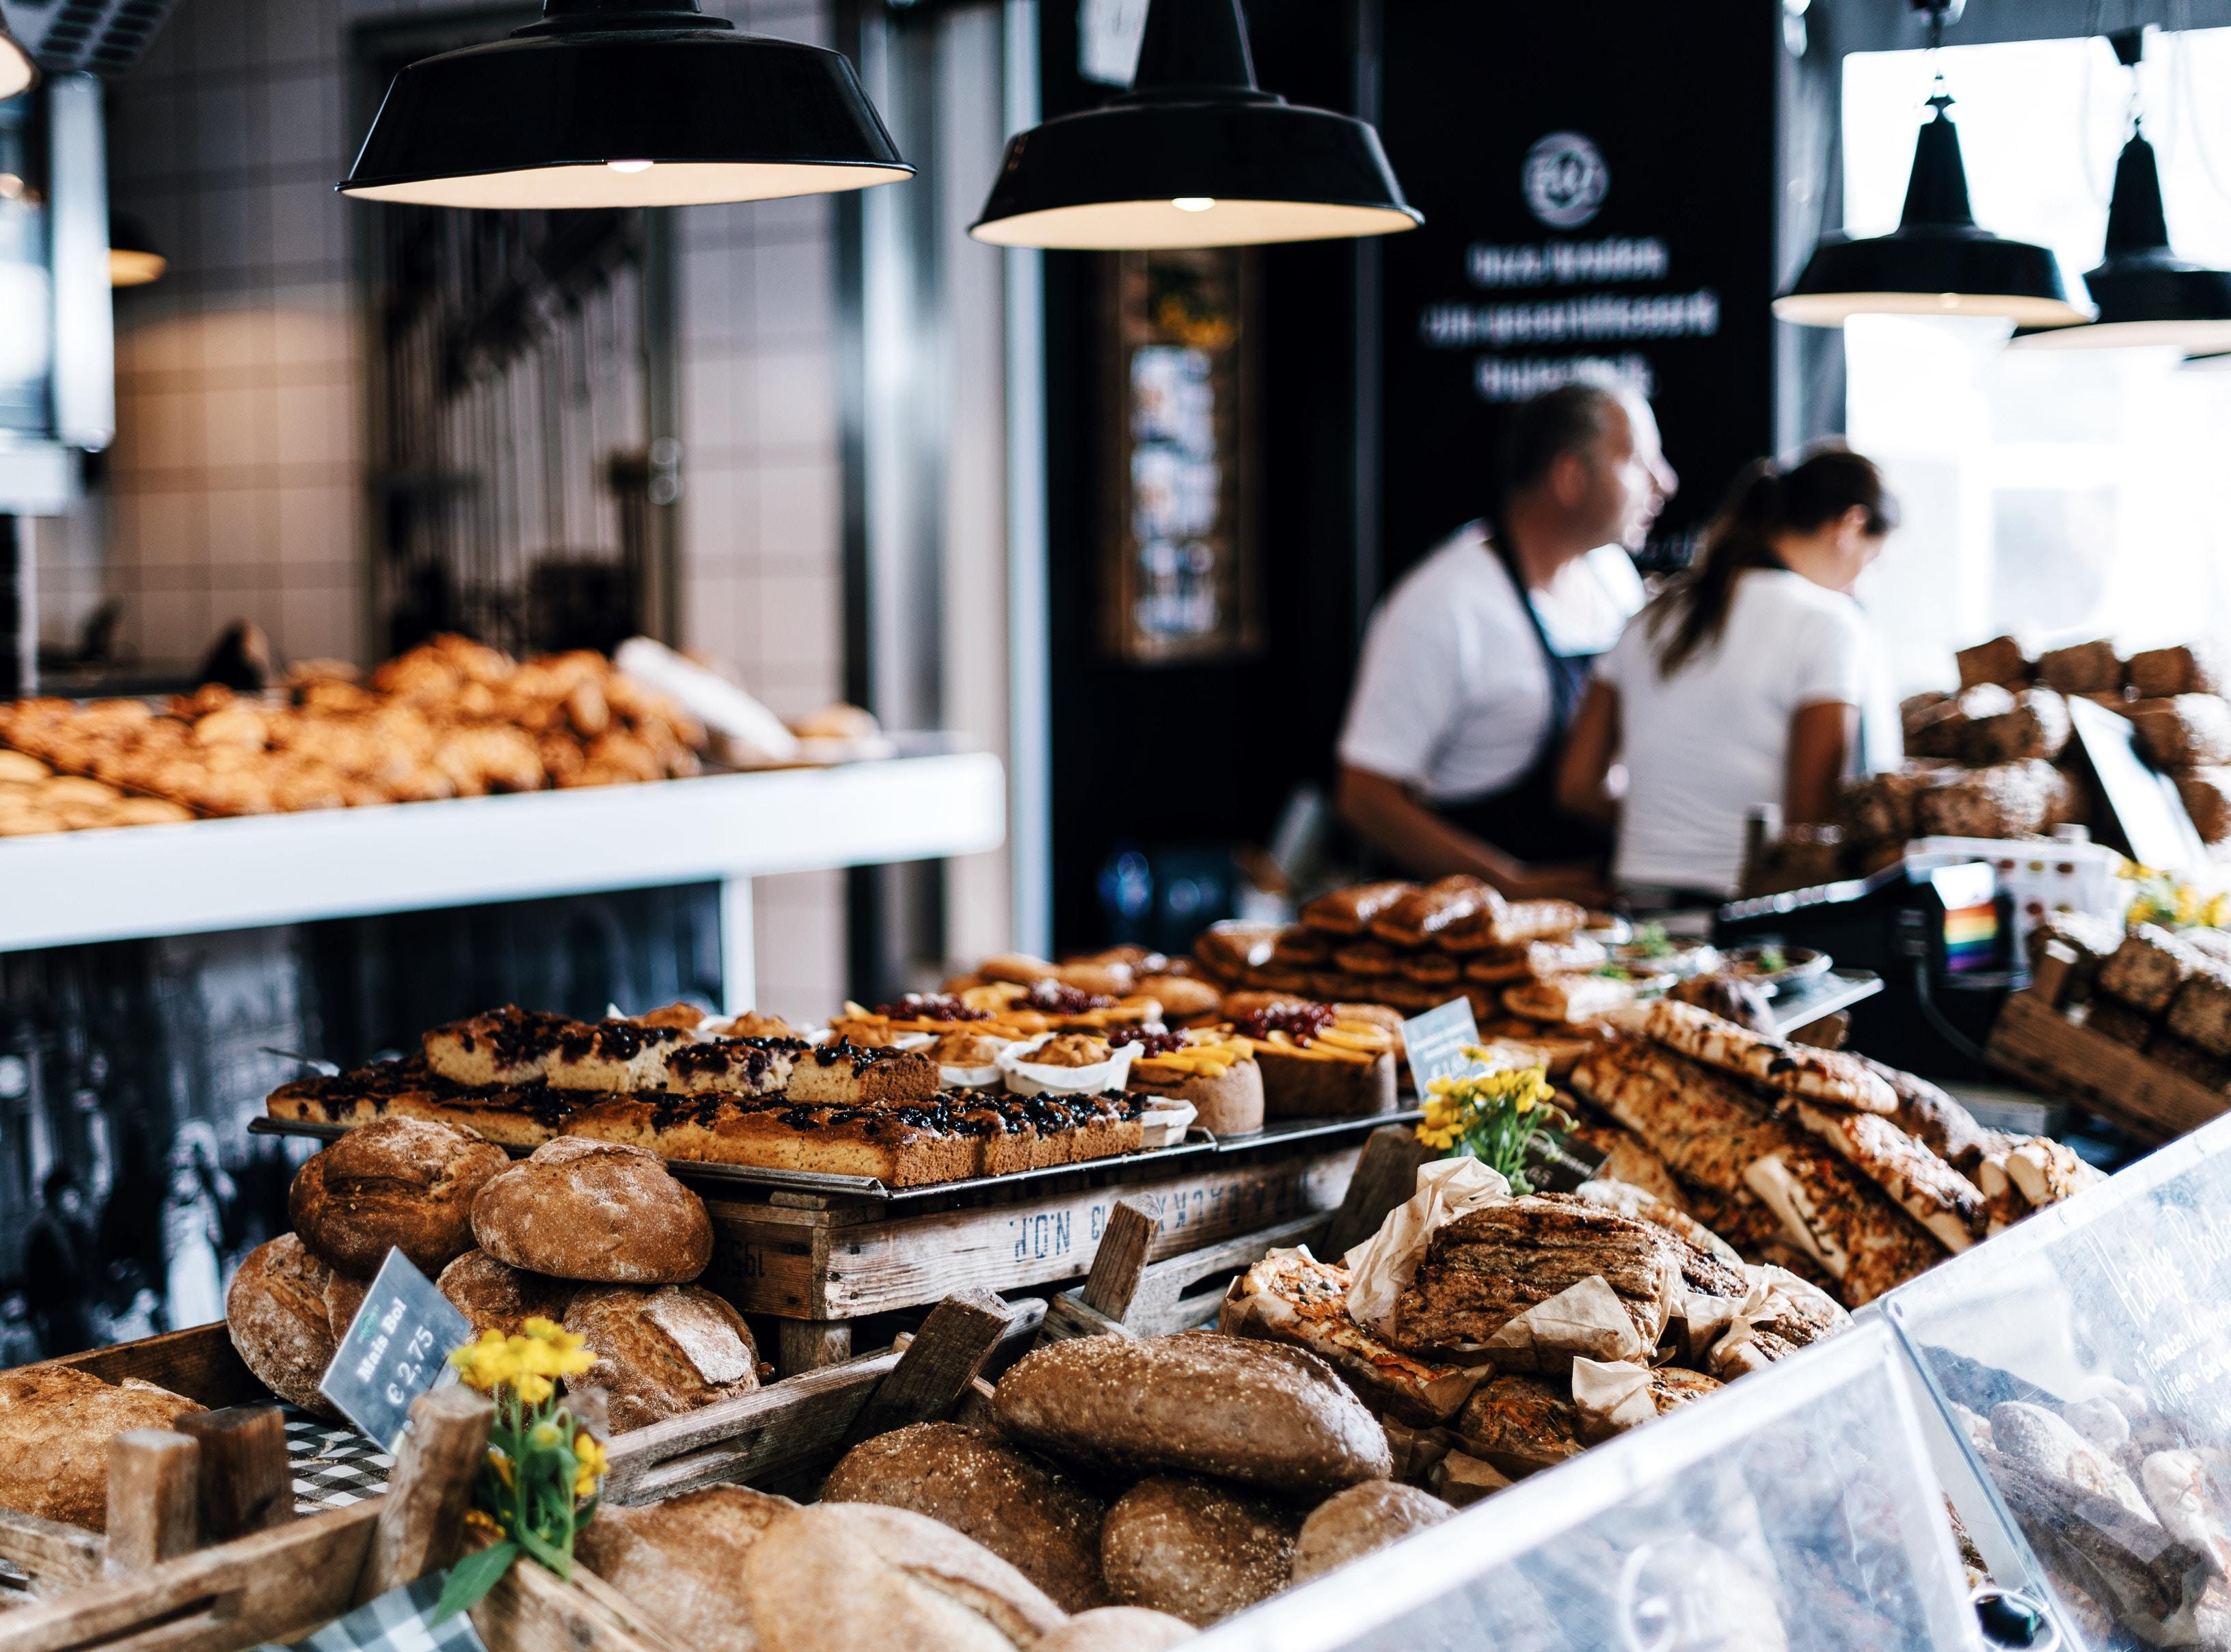 Balcão de padaria com diversos pães e bolos